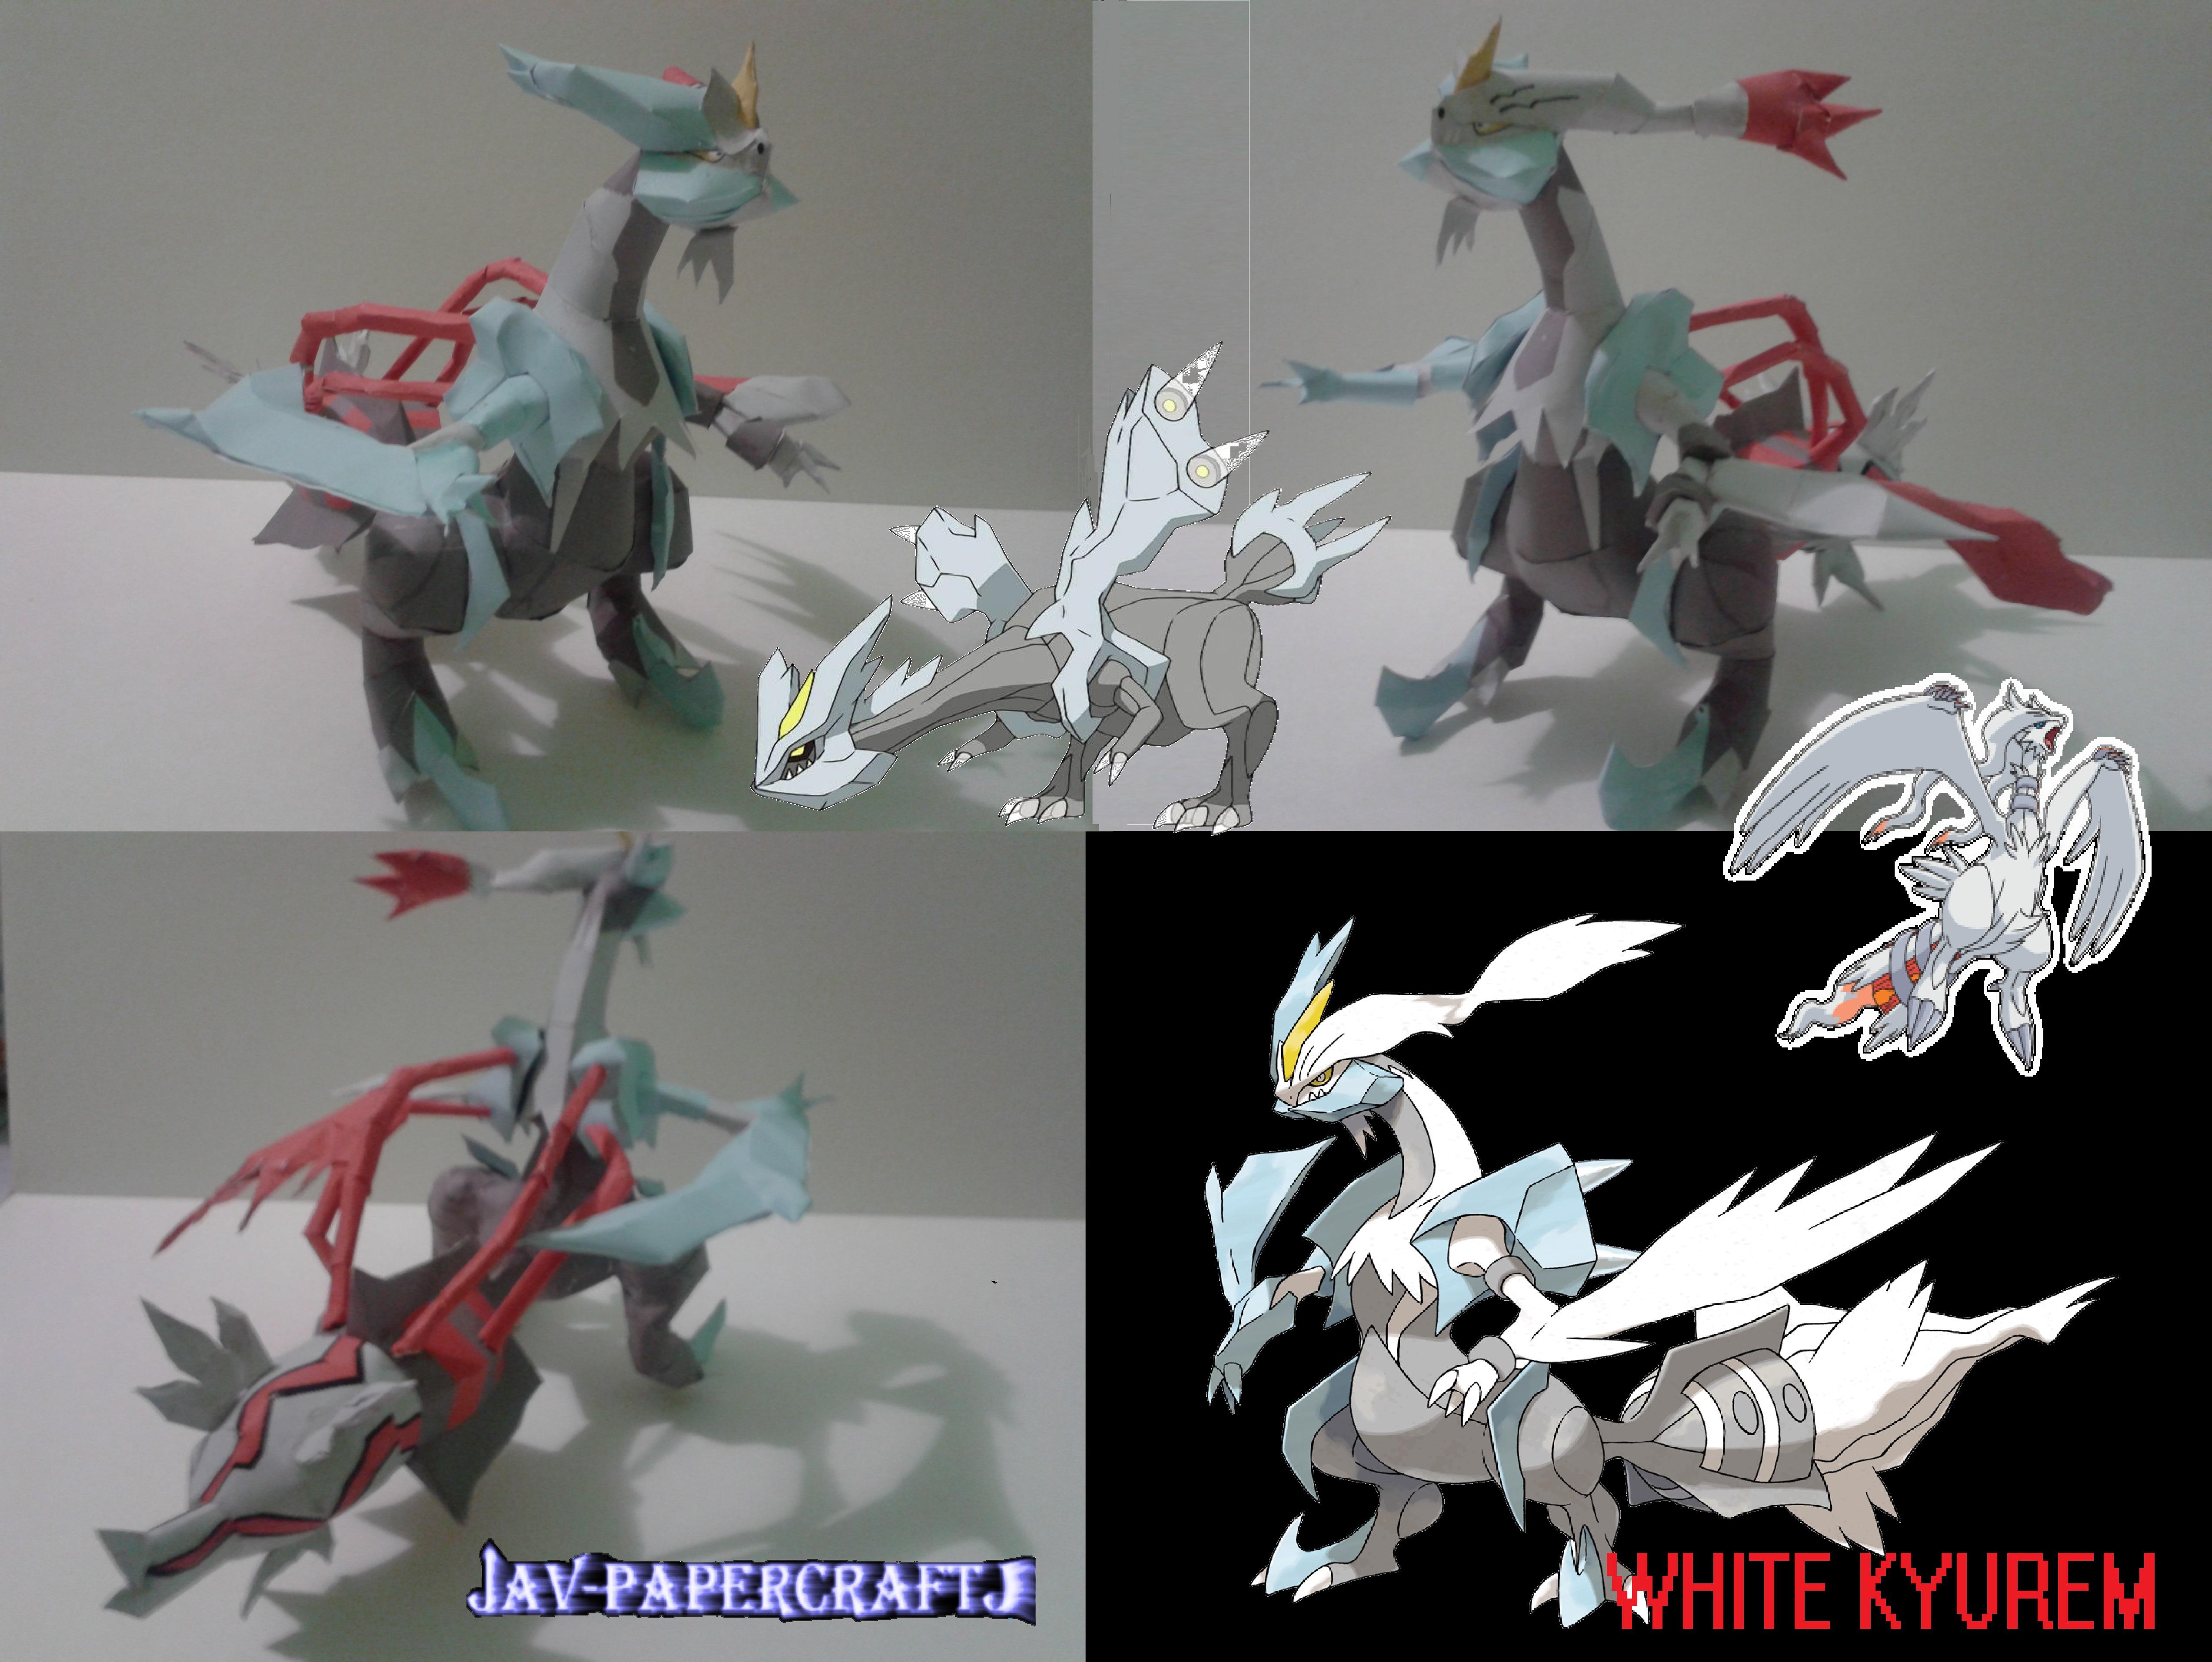 White Kyurem by javierini